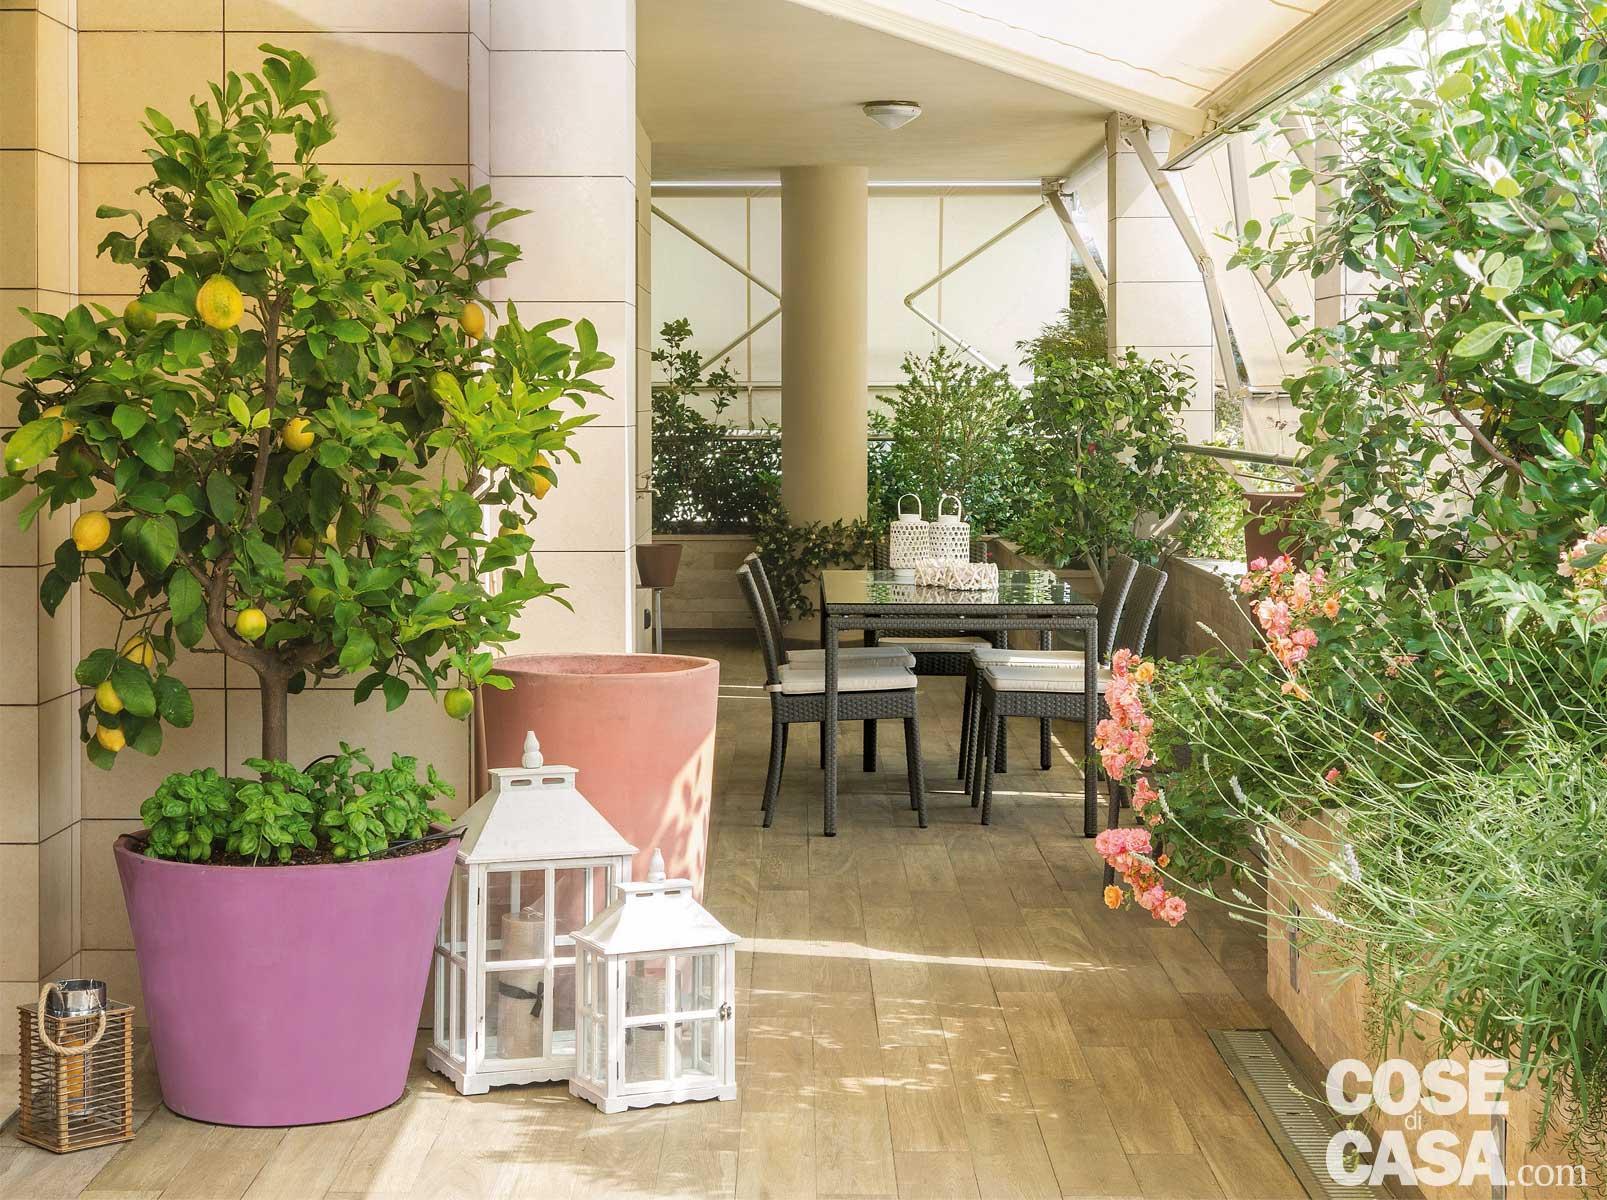 La terrazza diventa living arredare anche con le piante for Piante per terrazzi